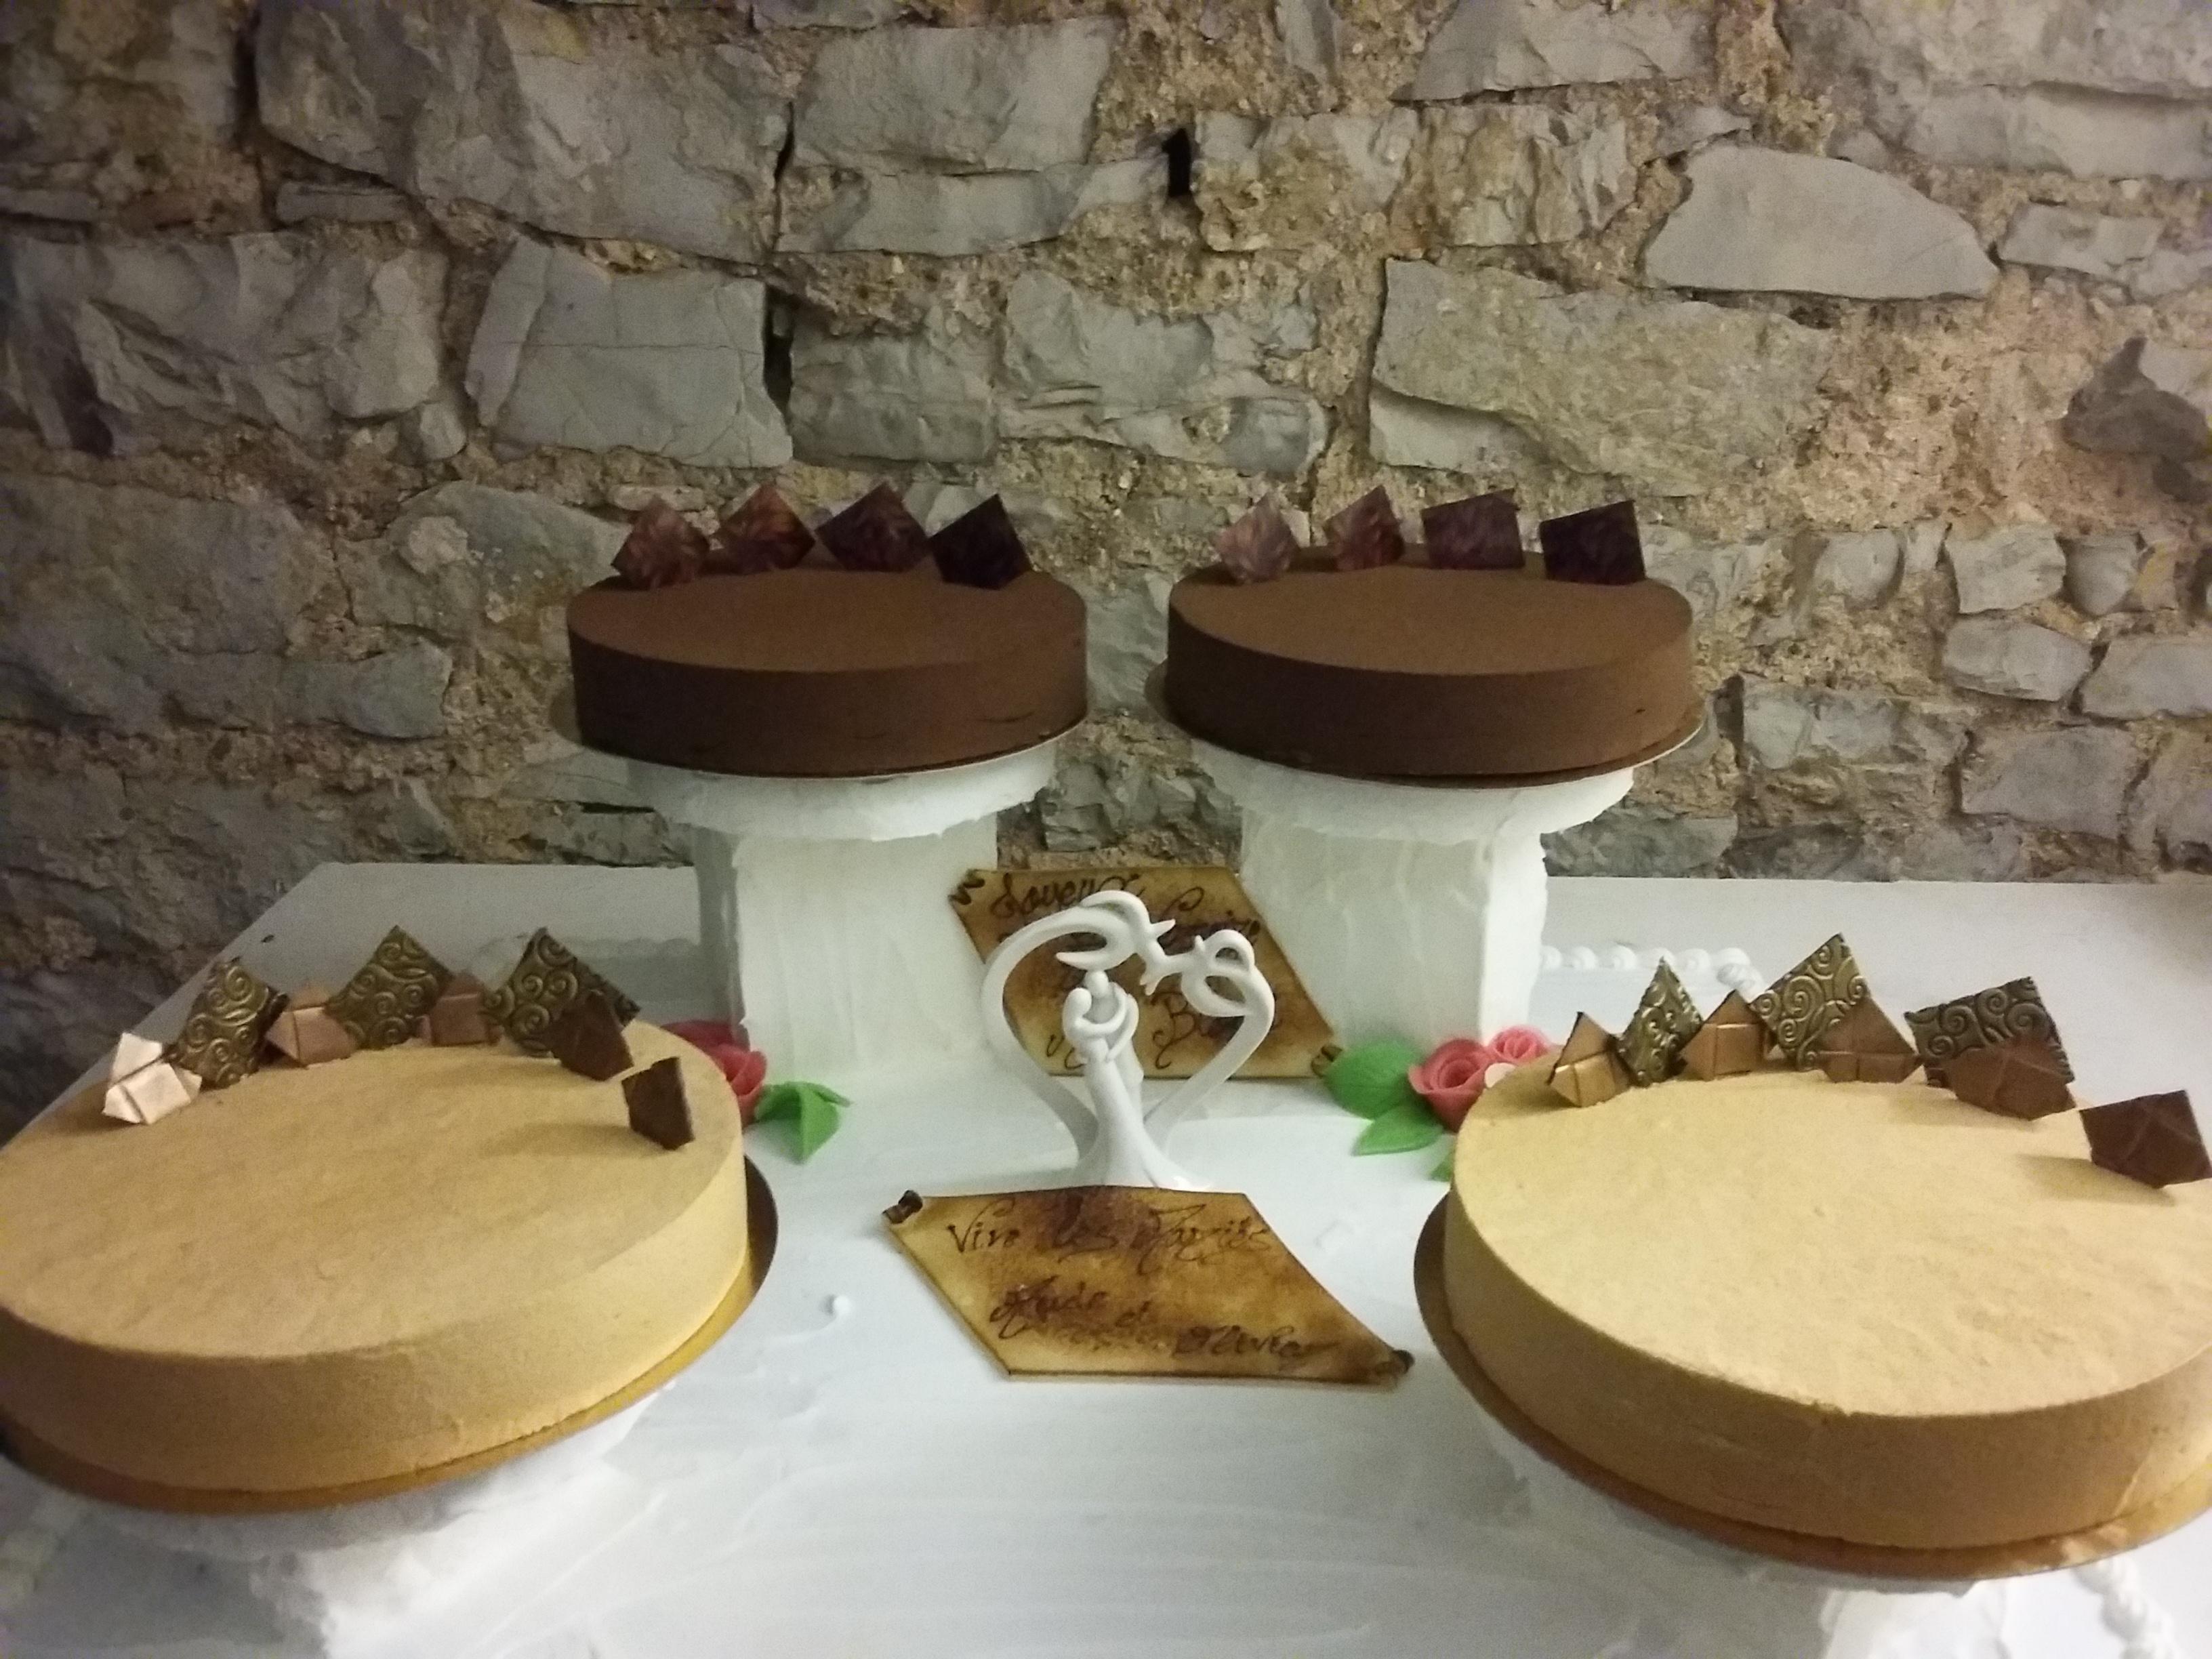 Entremets chocolat/cookies et Caramel beurre salé/pain d'epices